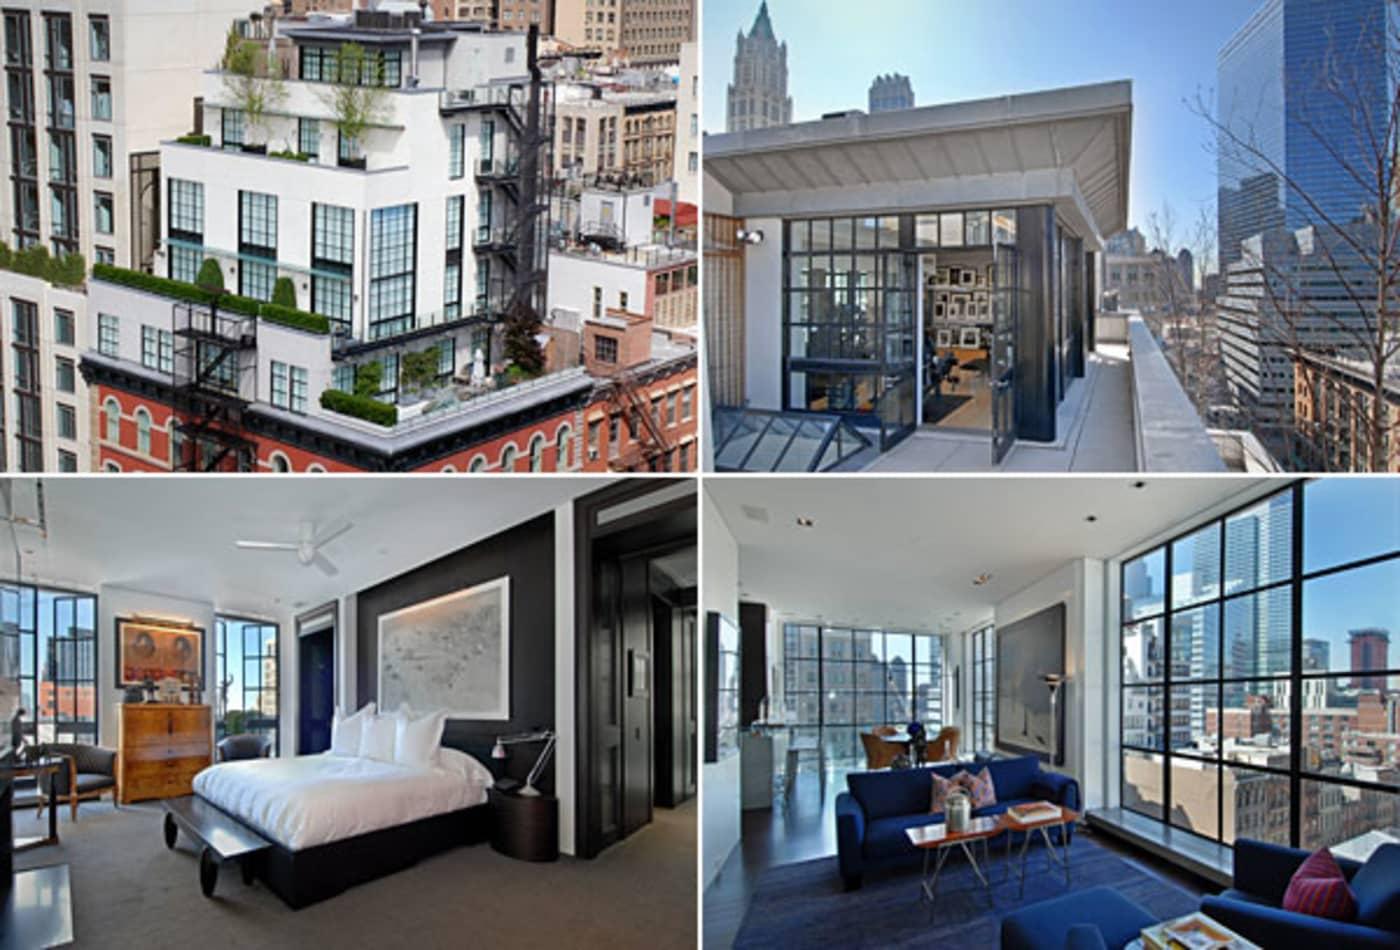 TriBeCa-Romantic-Luxury-Homes.jpg